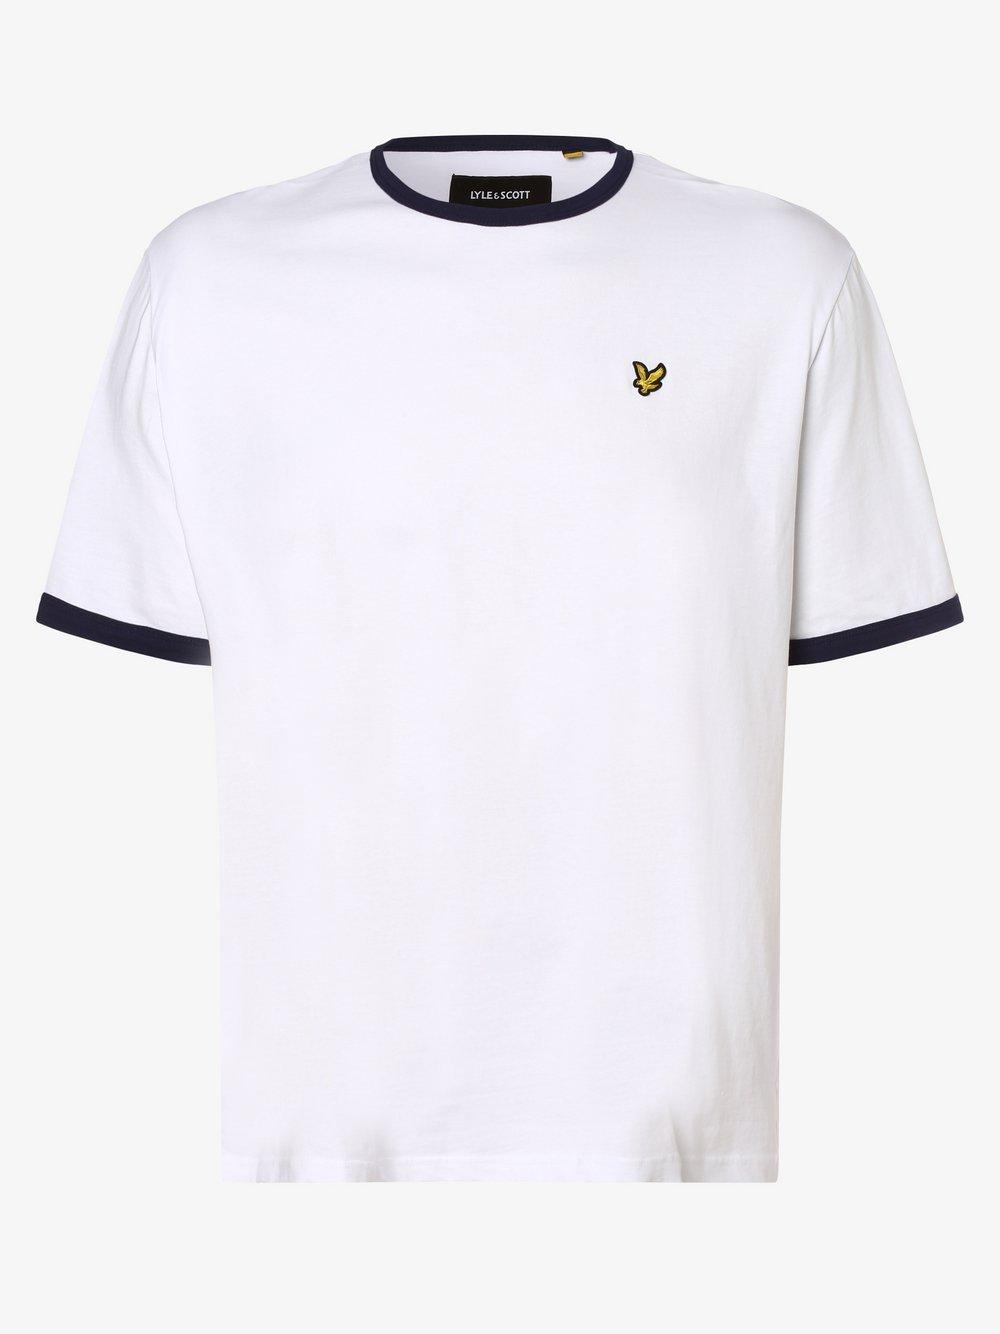 Lyle & Scott – T-shirt męski, biały Van Graaf 469805-0001